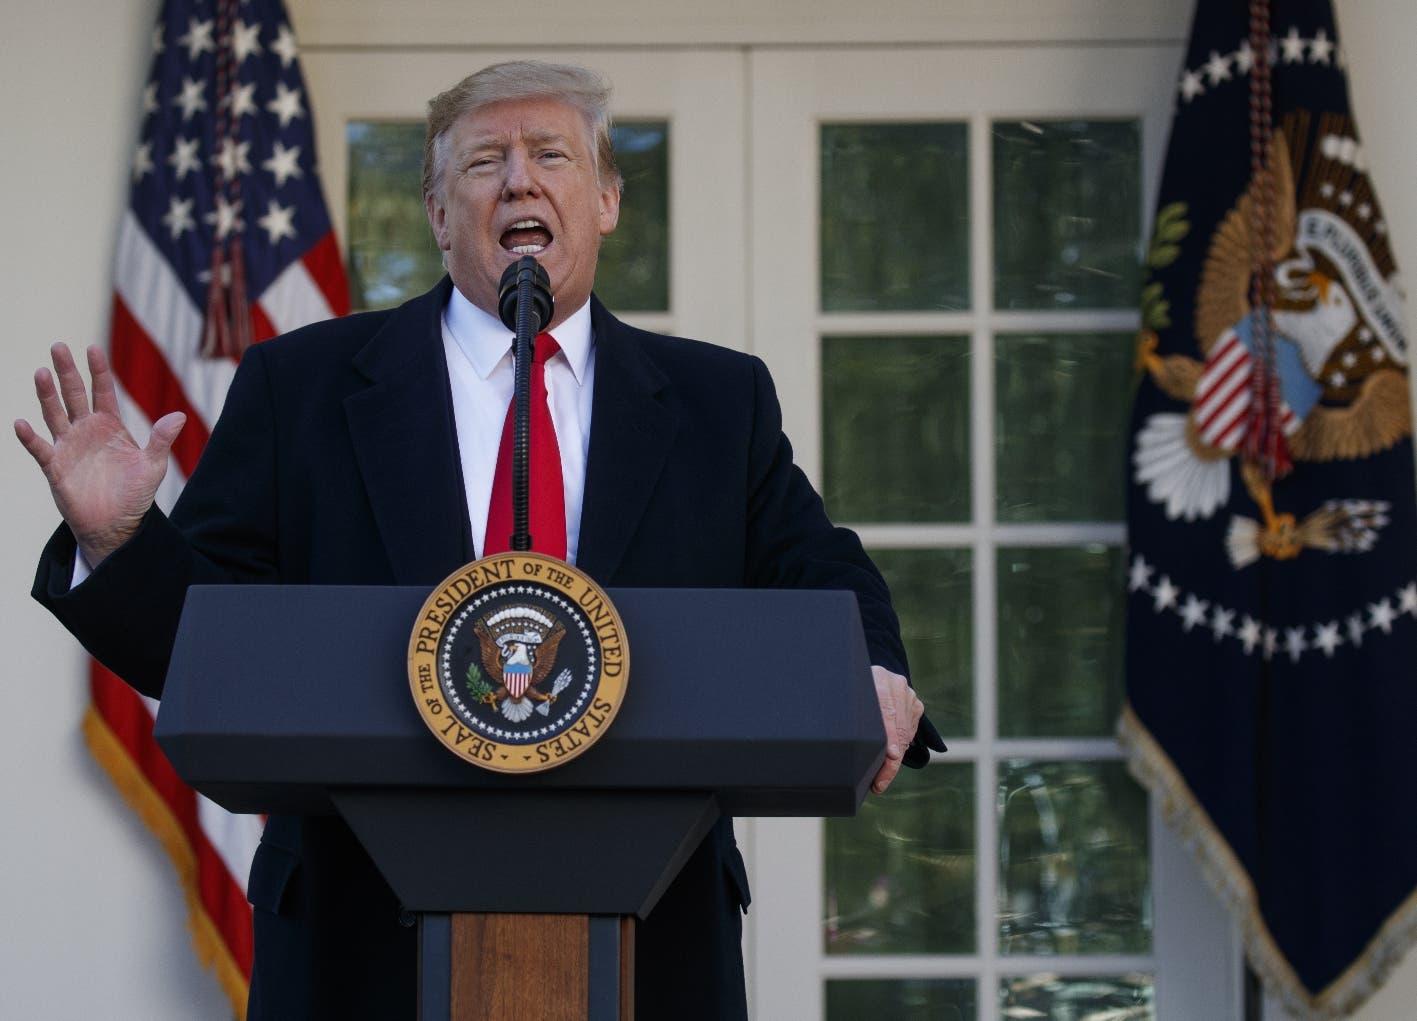 La Casa Blanca empieza a jugar sus cartas ante la investigación contra Donald Trump